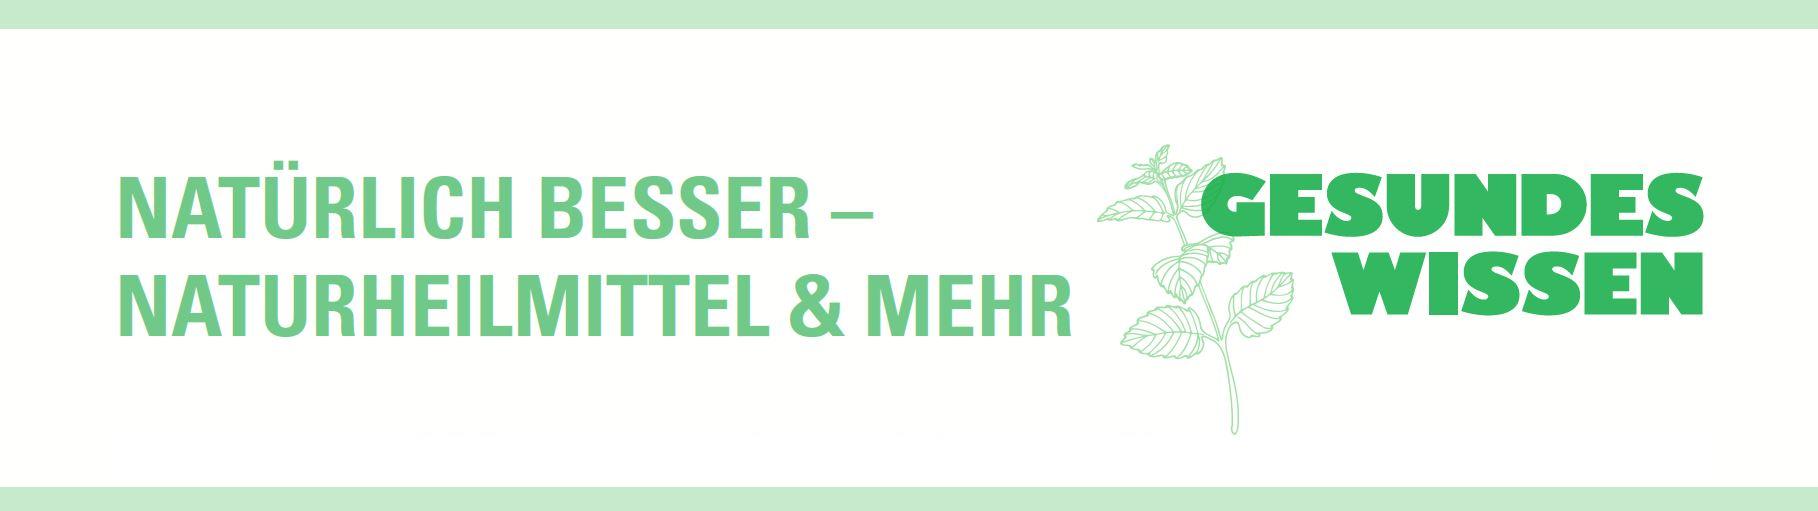 Gesundes Wissen GmbH